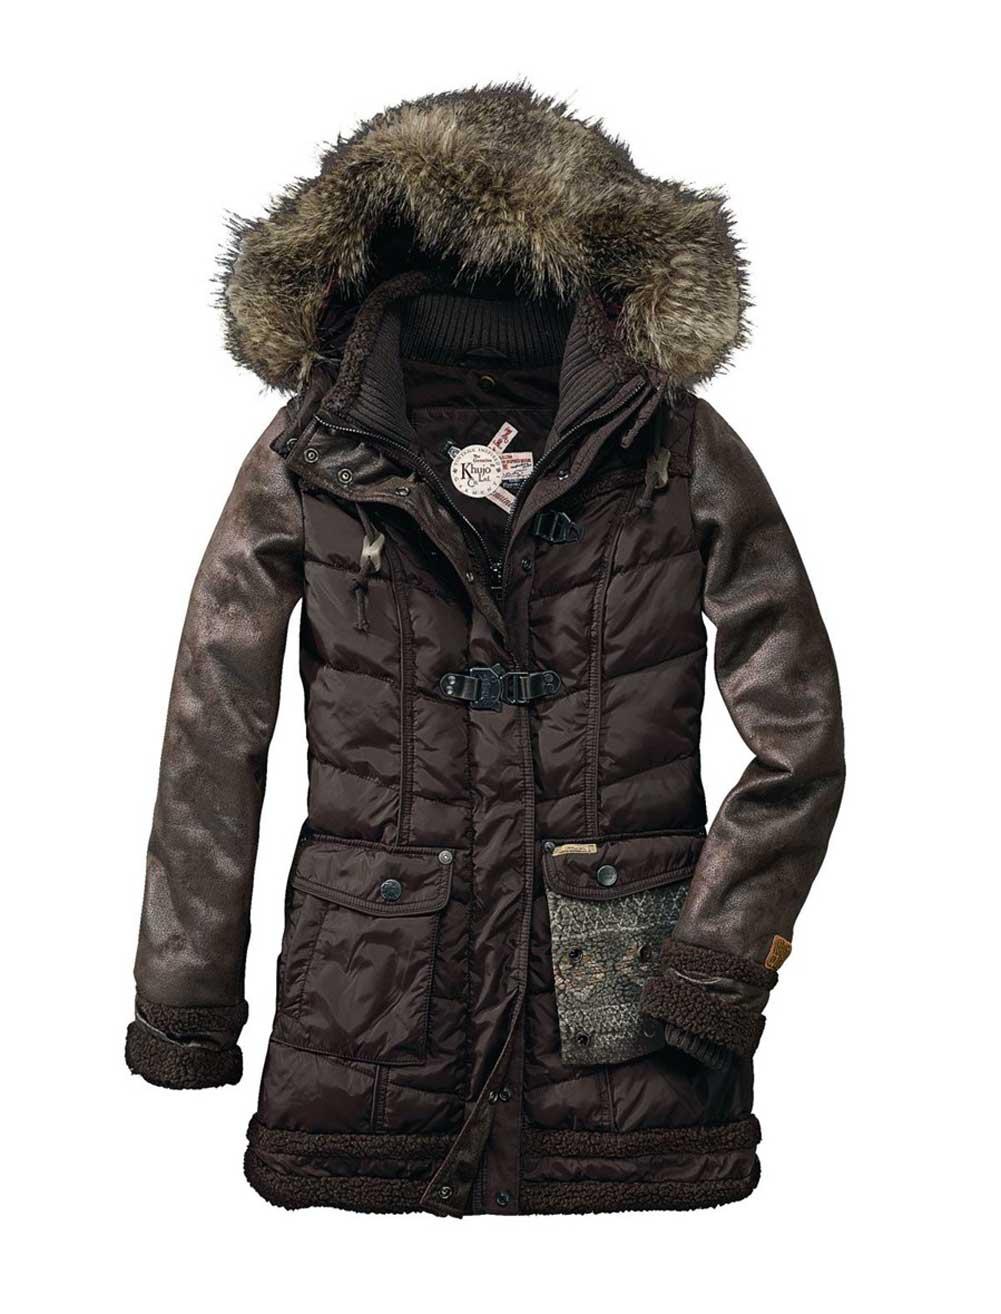 Zimní prošívaný dámský kabát KHUJO (vel.S skladem)